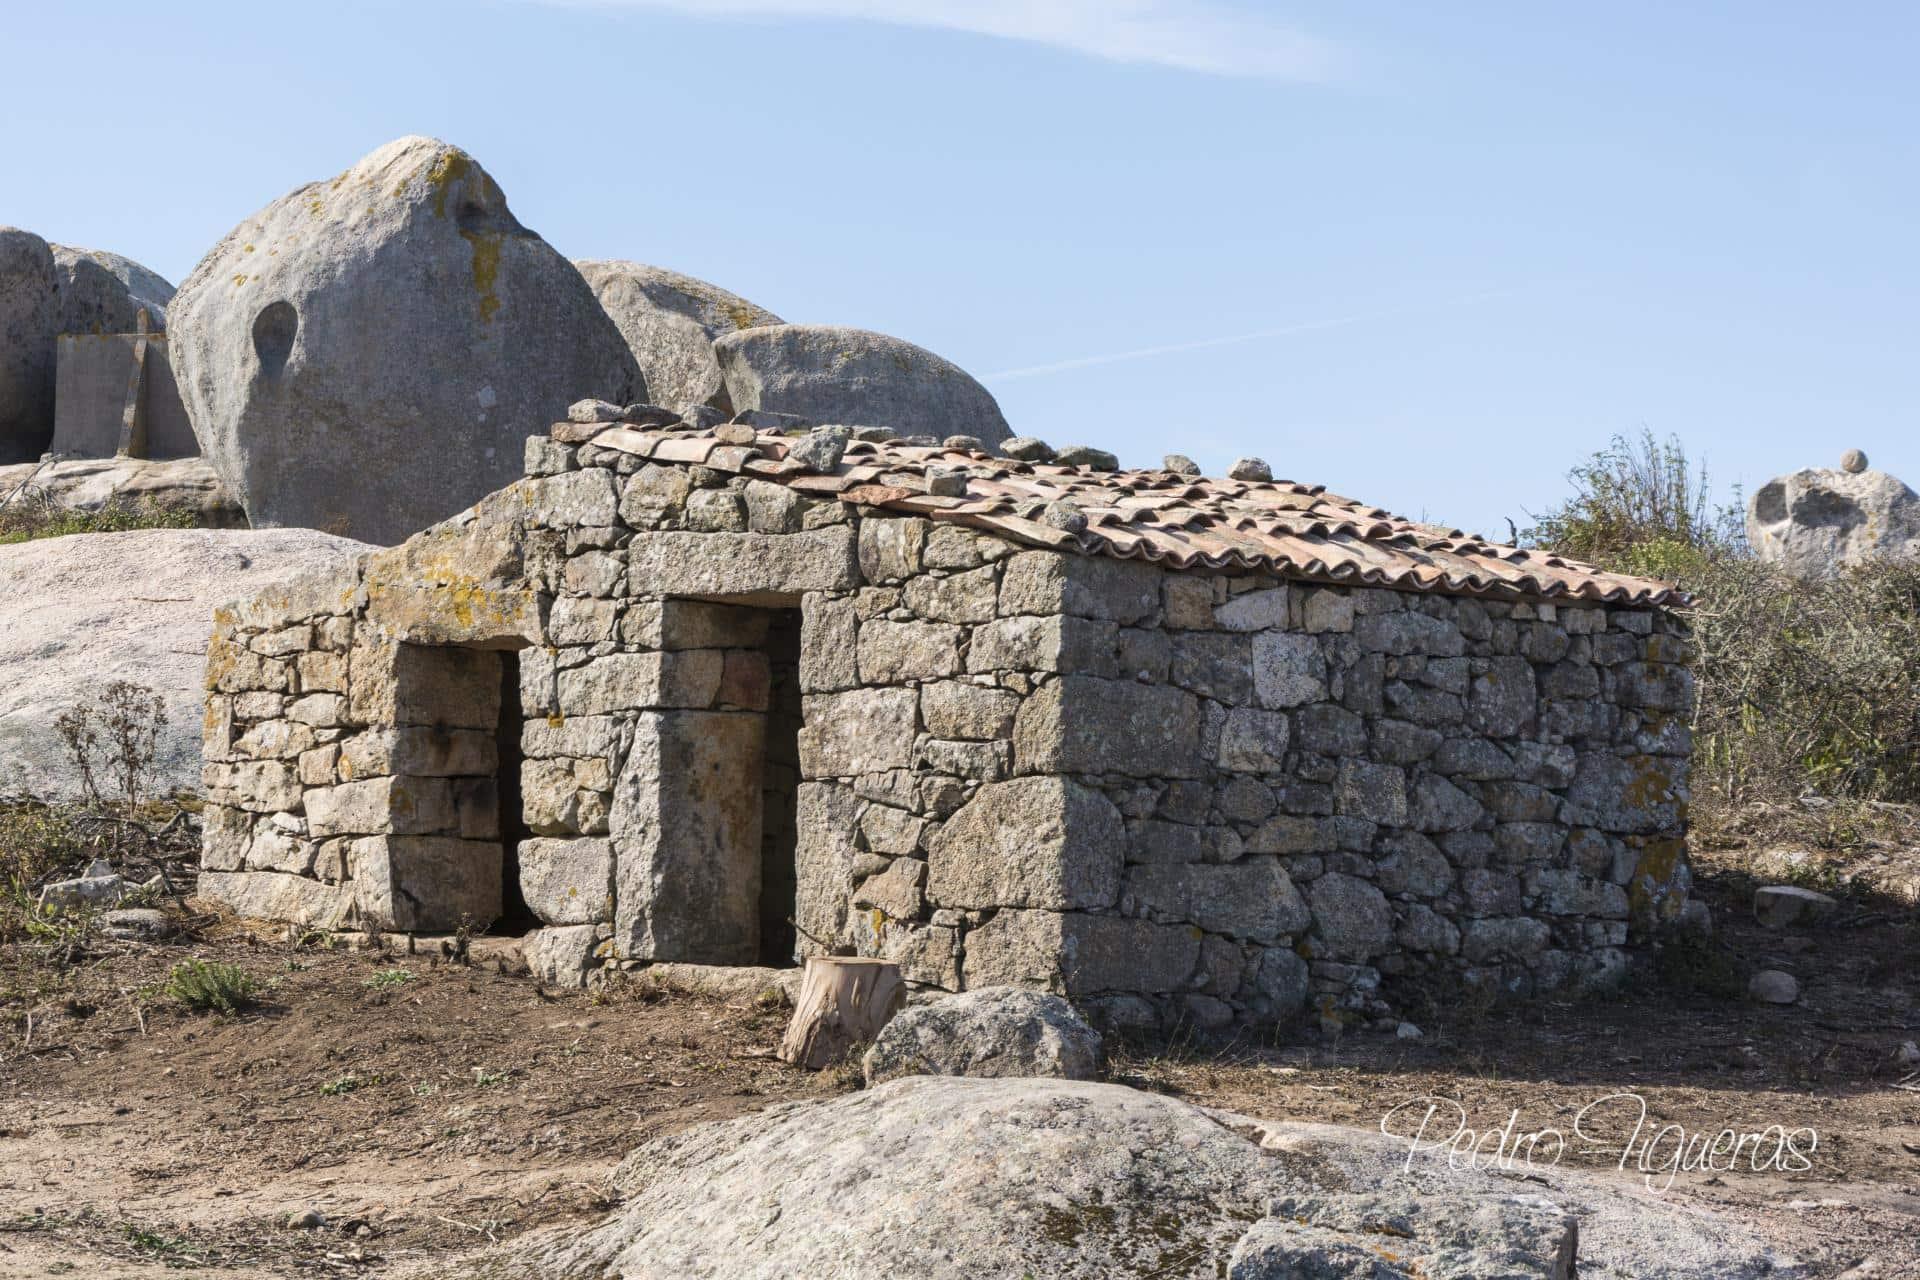 Recuperando a memoria. Fotogalería dunha nova oportunidade para a aldea de Sálvora (III)